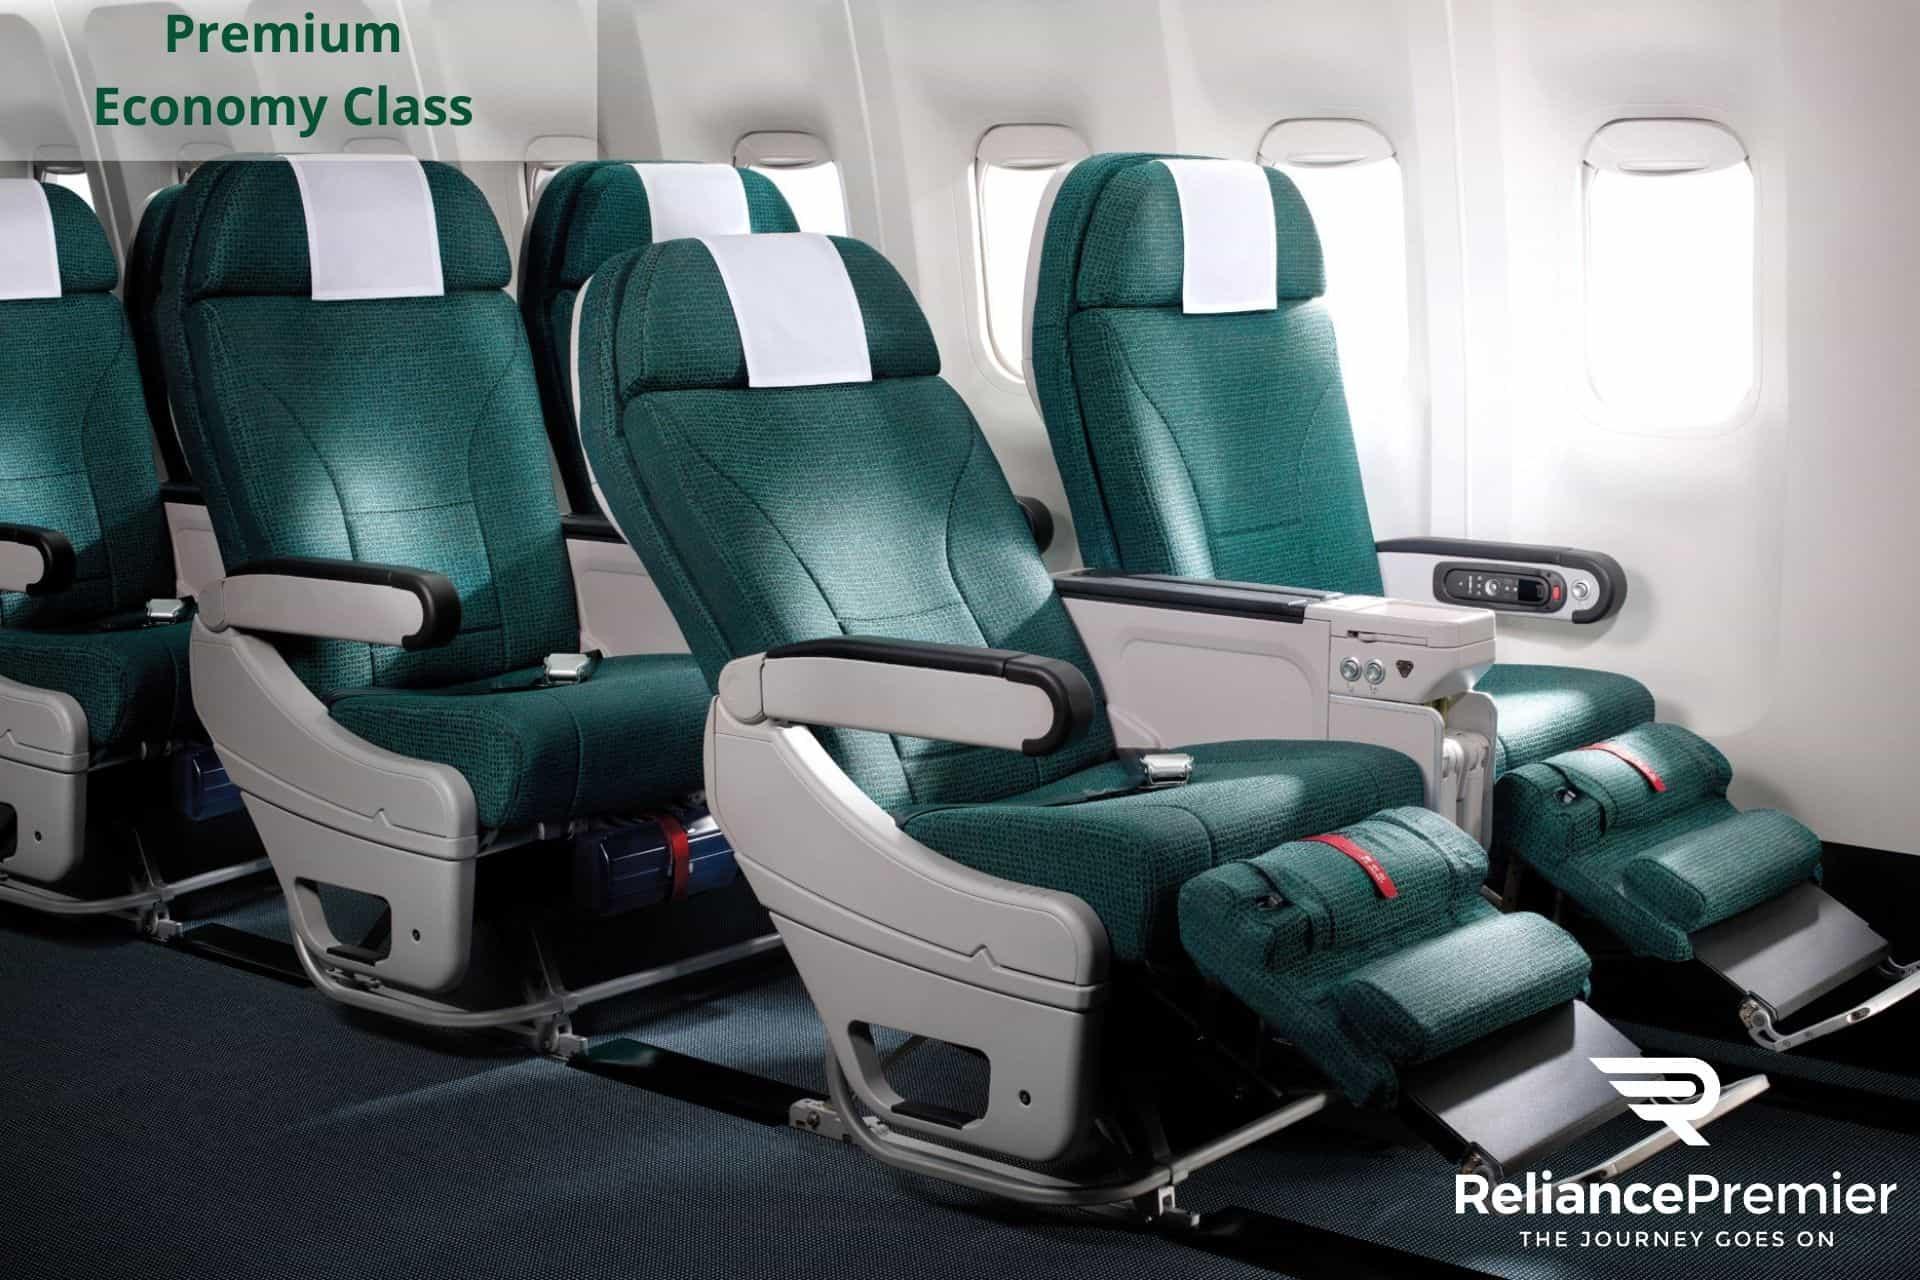 Cathay pacific Premium Economy Class